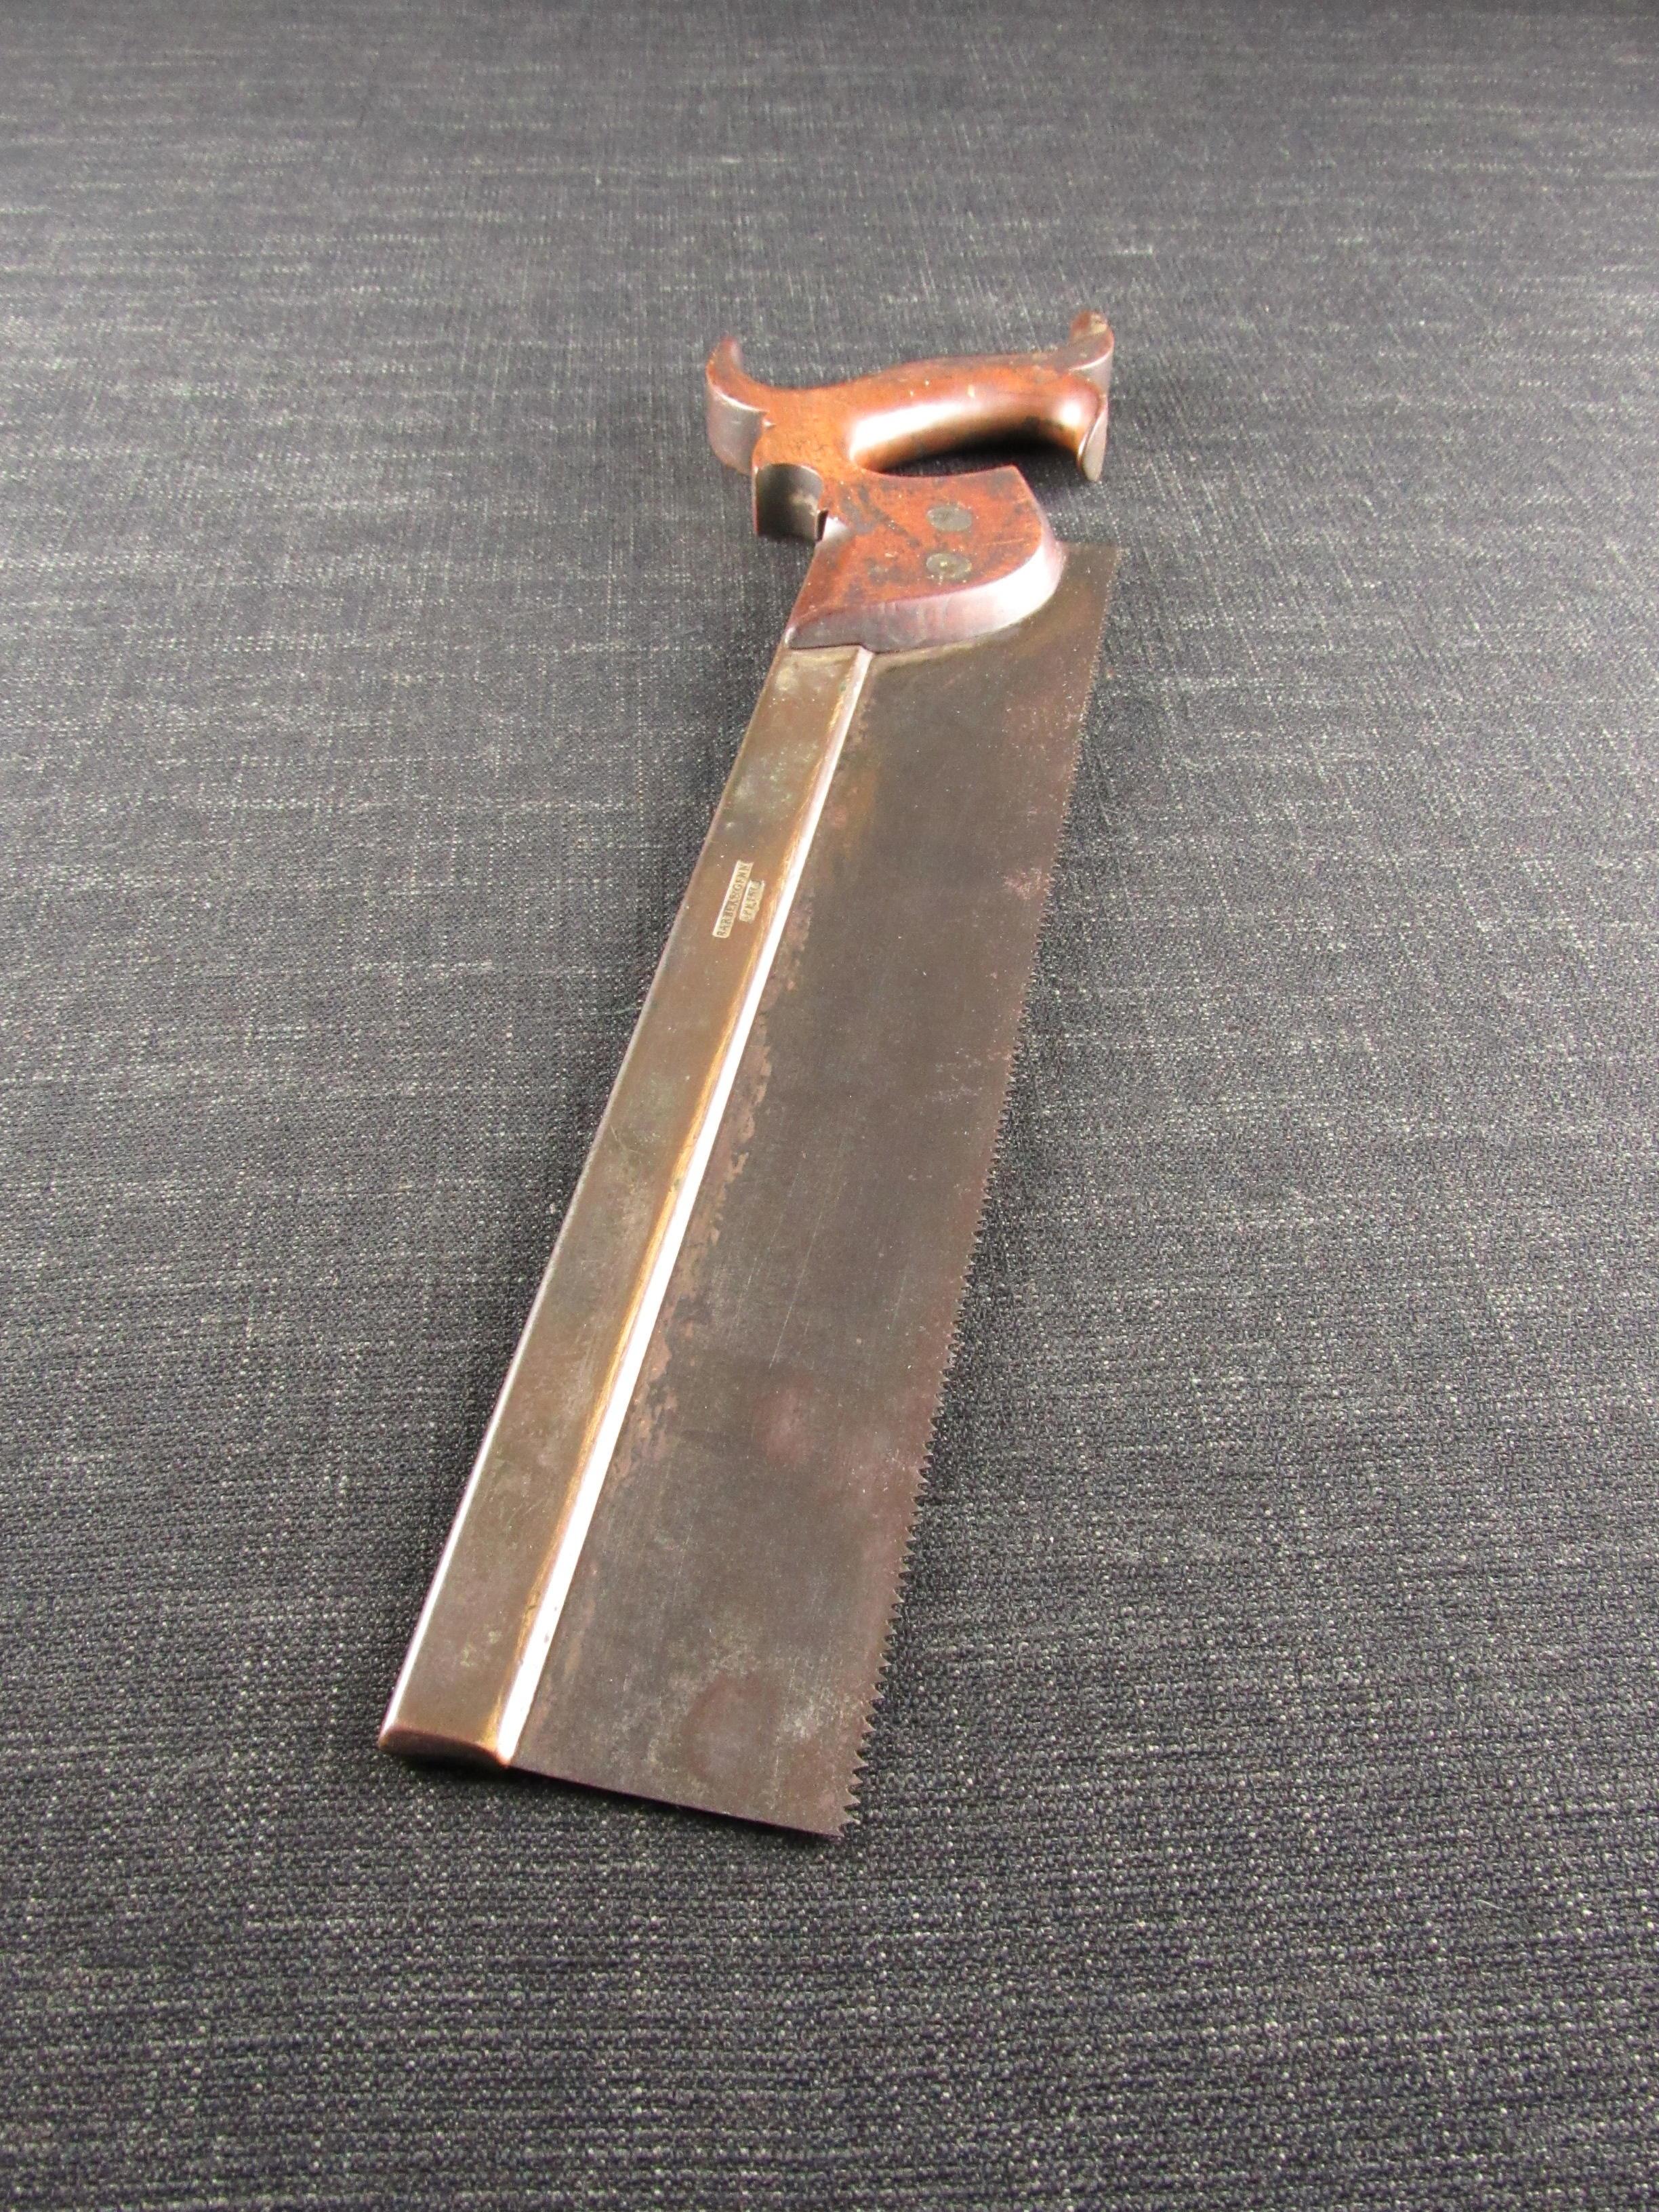 Barber & Genn 18th Century Back Saw